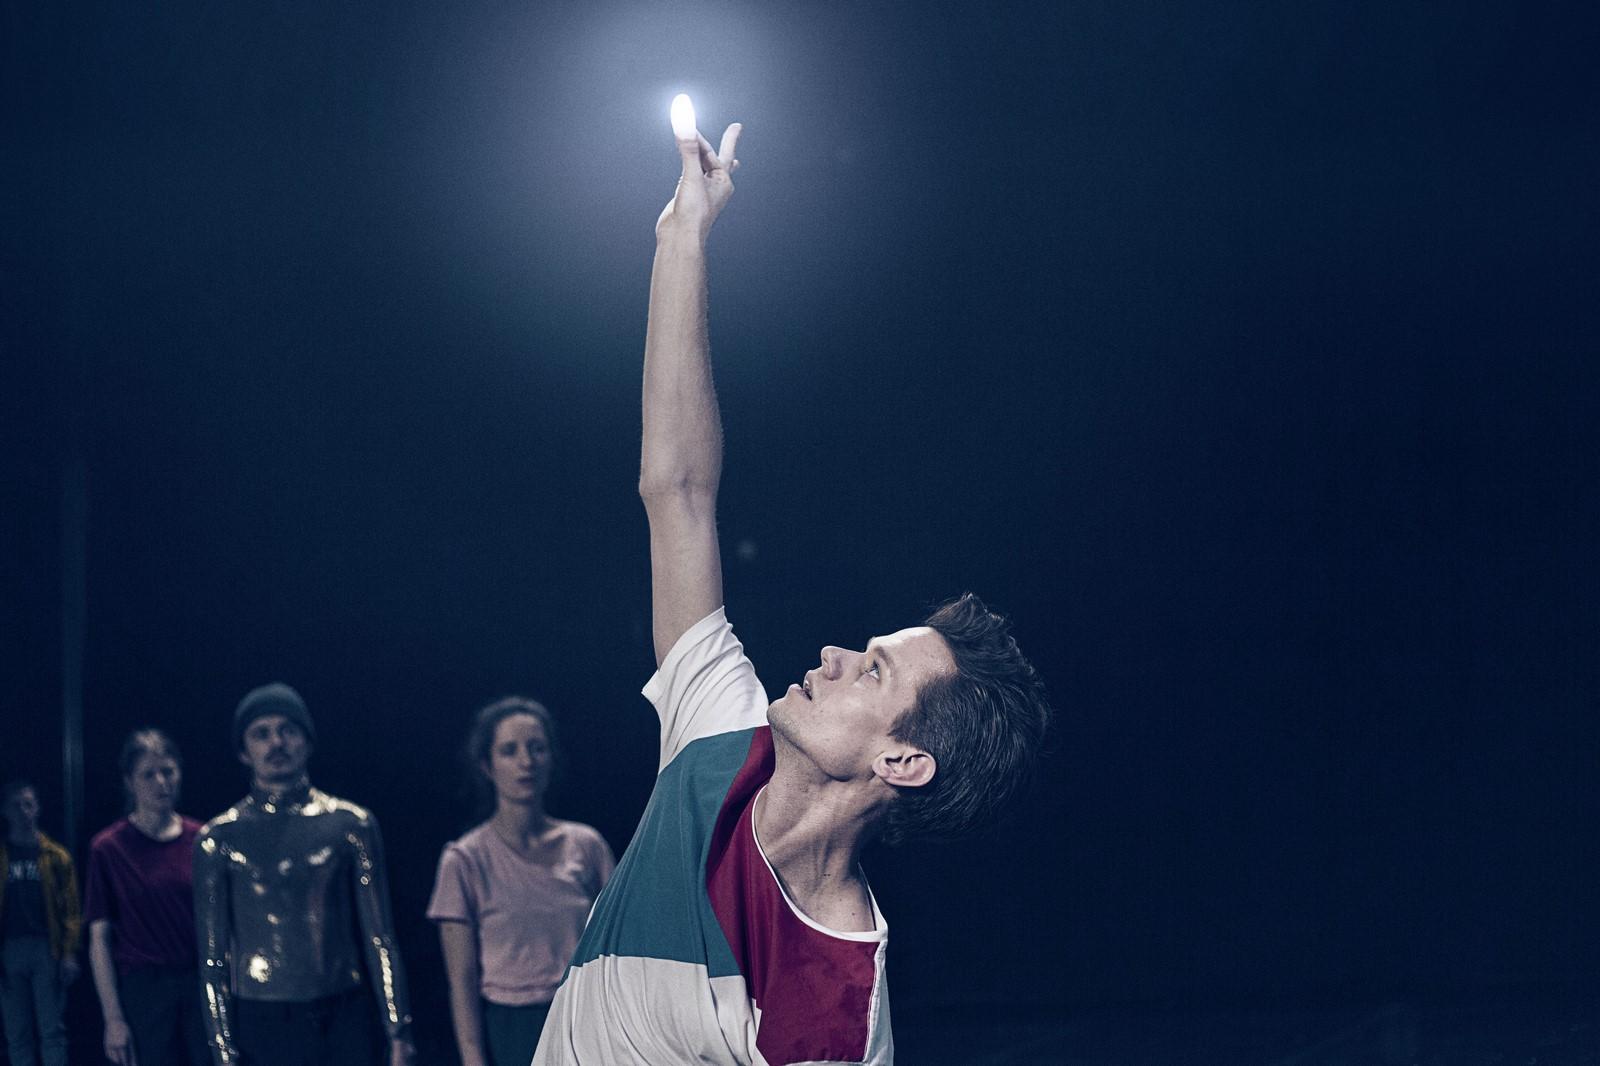 Des lumières magiques pour la chorégraphie du danseur Alexander Staeger dirigé par Ioannis Mandafounis.